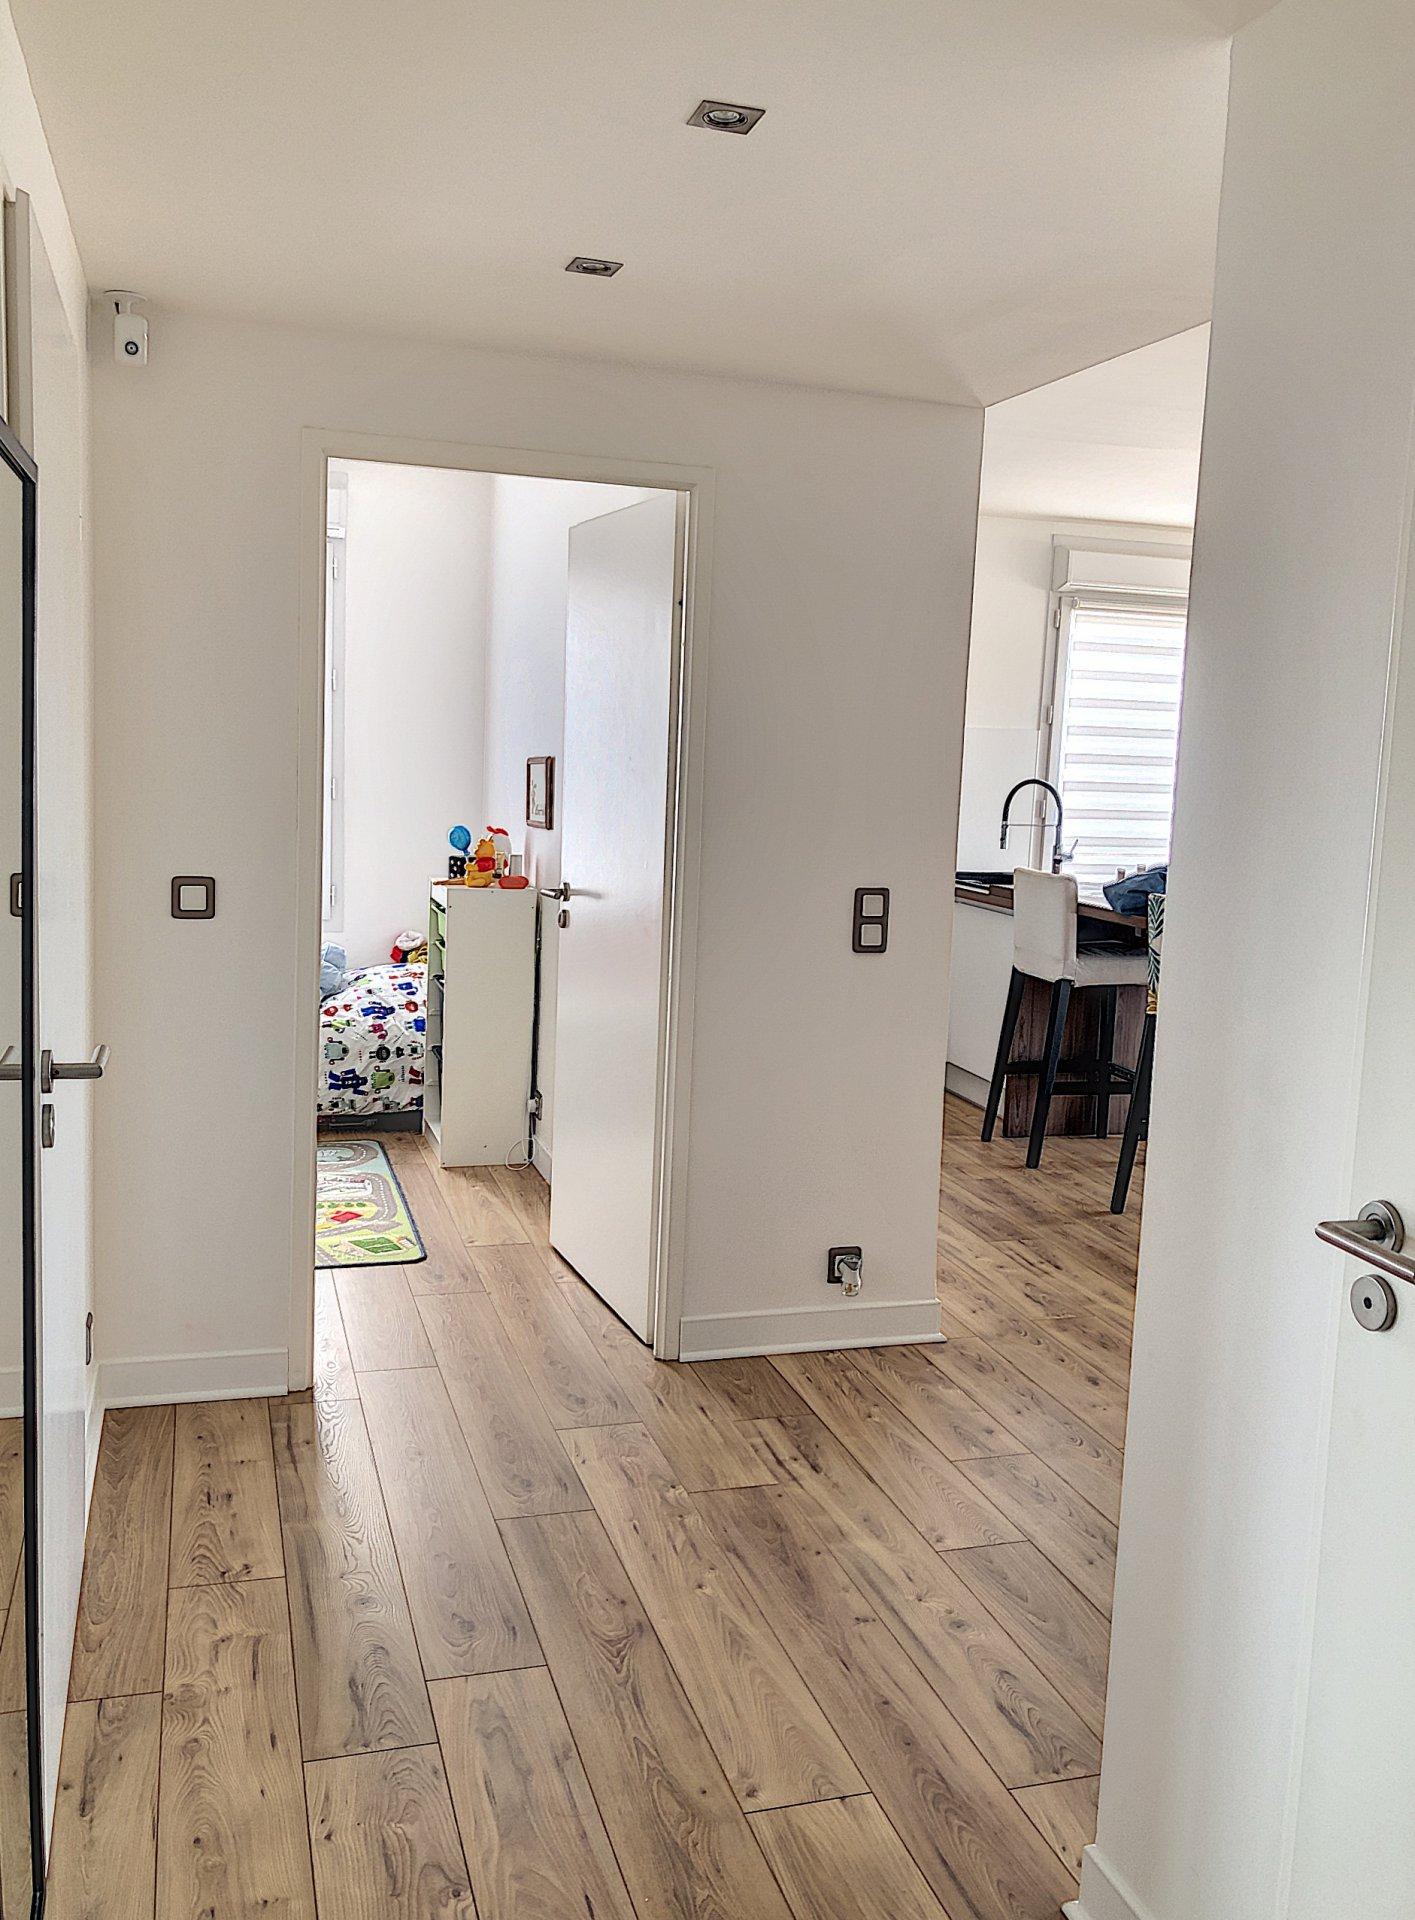 CARROS LES PLANS (06510) - appartement 3 pièces - terrasse - parking